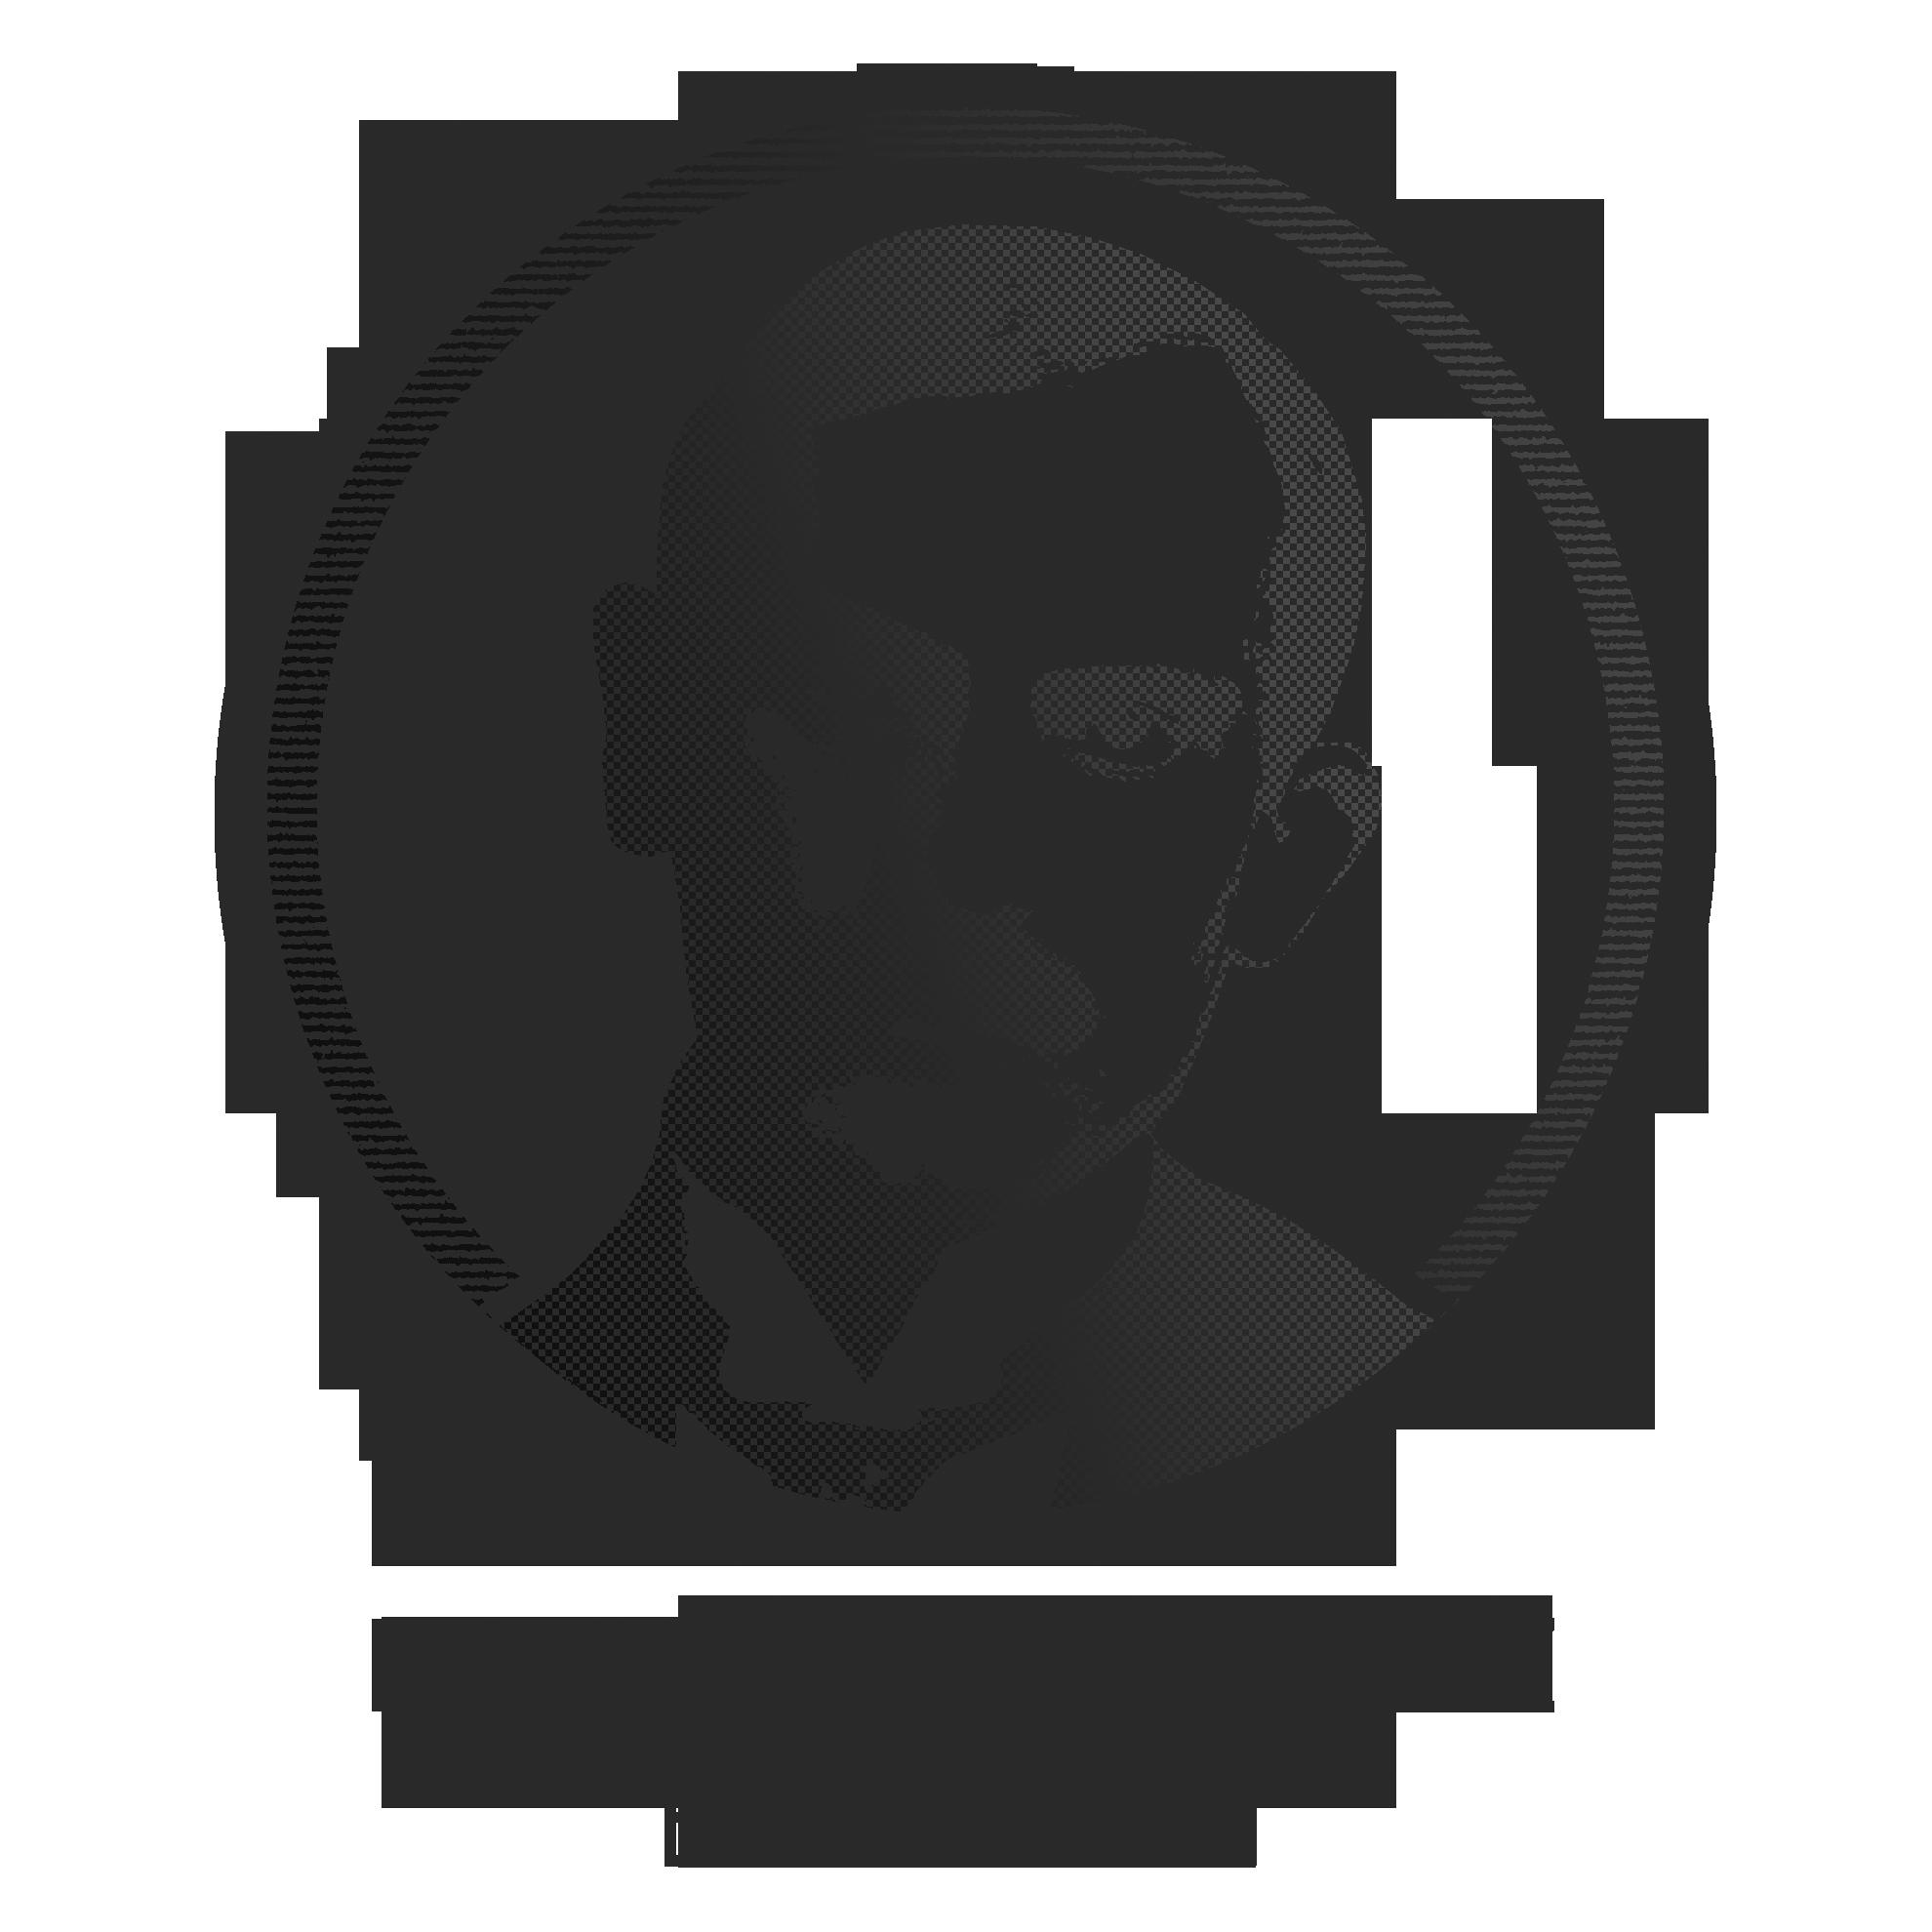 szurke_bmsze